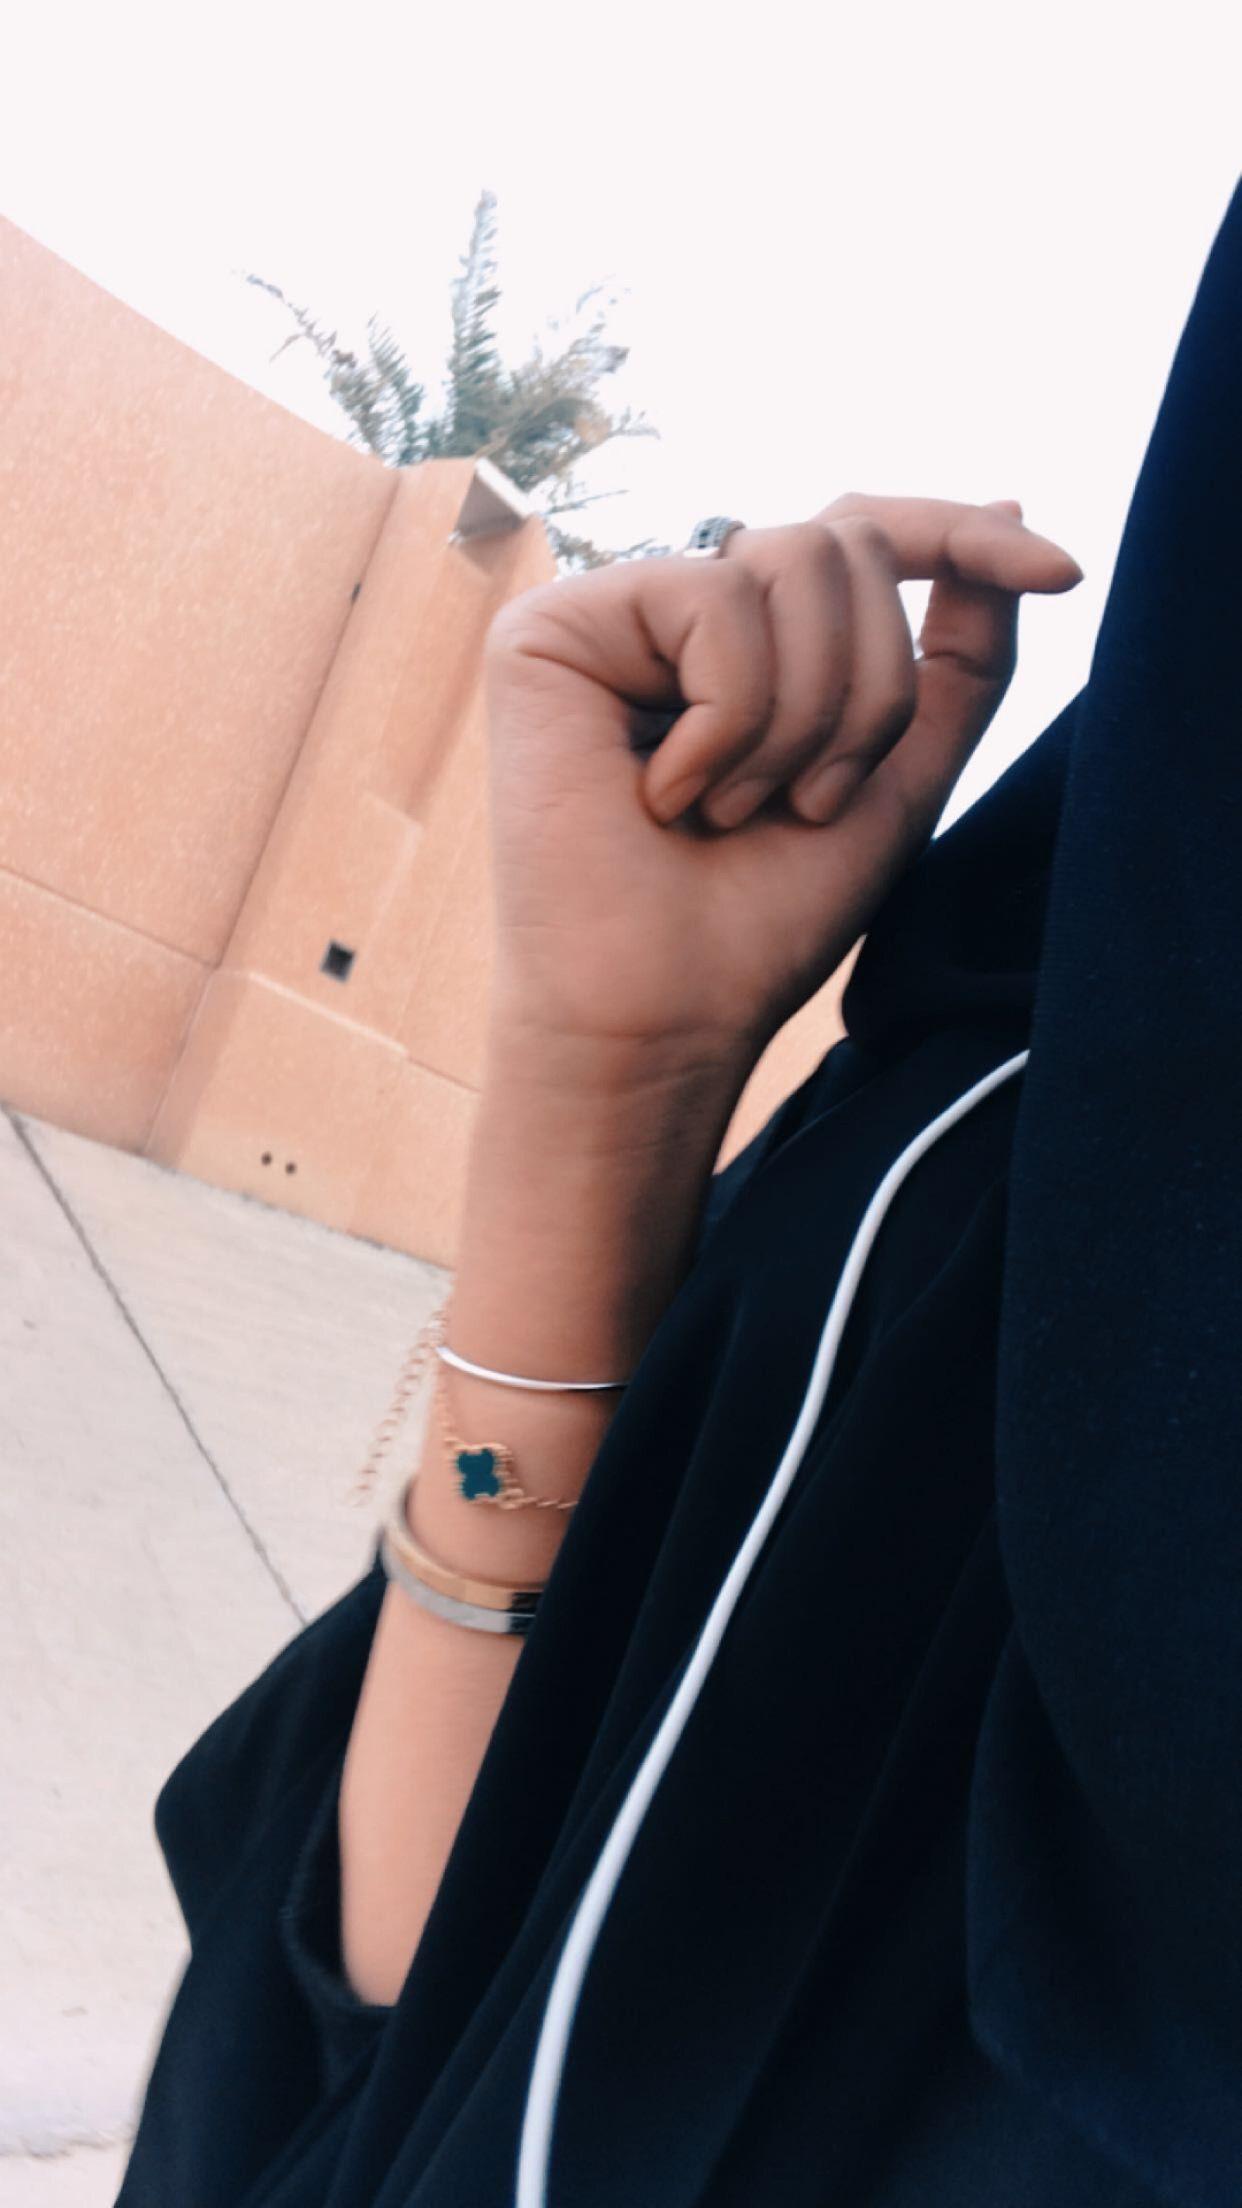 Pin By Rehab Haji On Snap Alaa Alabad تصوير يوميات الجامعة اقتباسات عبارات Teenage Girl Photography Stylish Girl Images Cute Girl Photo